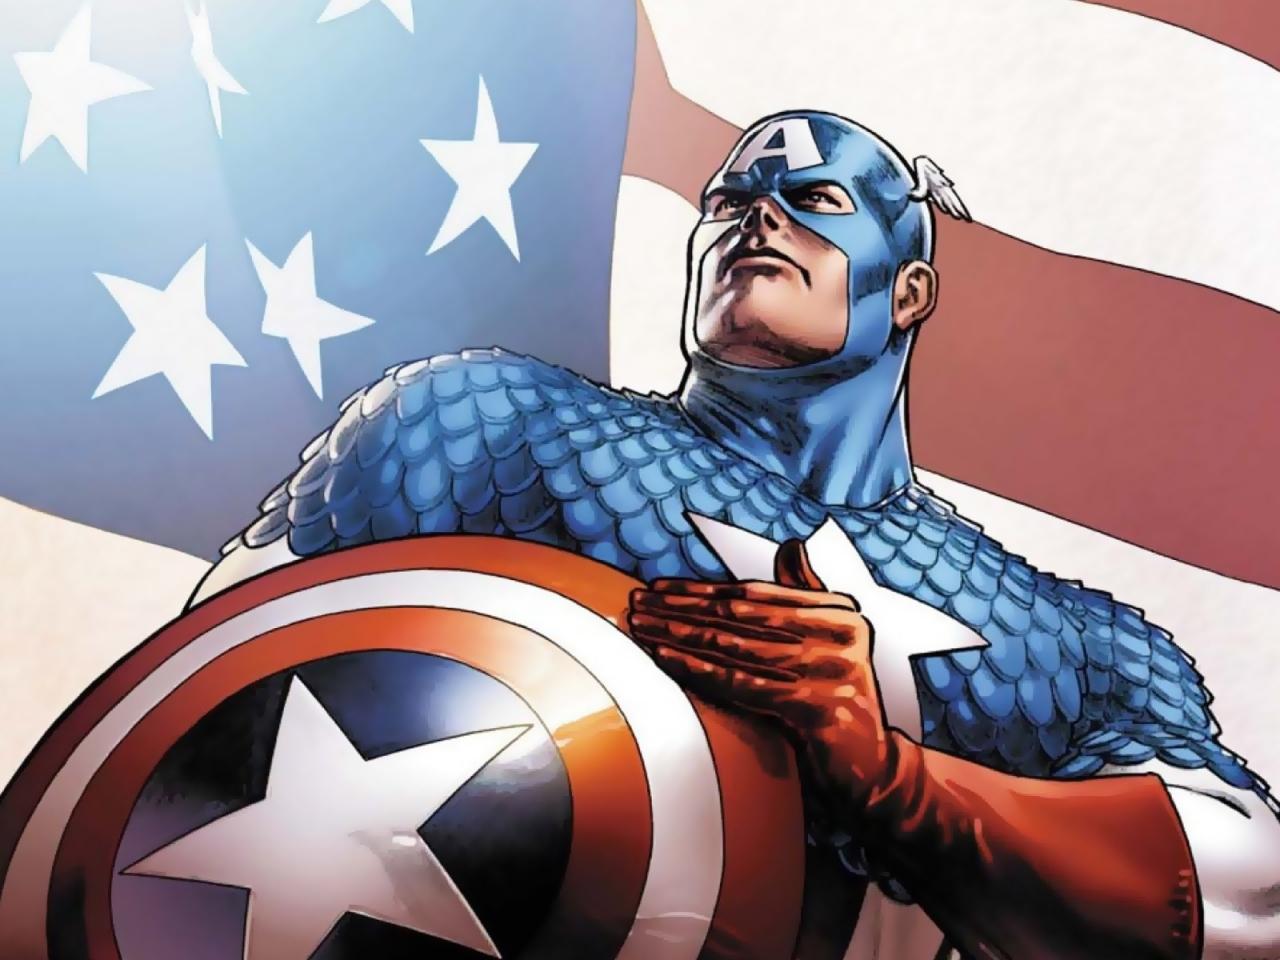 http://1.bp.blogspot.com/-GGTaxR3HUPQ/TjkVyN09kXI/AAAAAAAAEhg/jPz6HdJFz8c/s1600/Captain-America.jpg